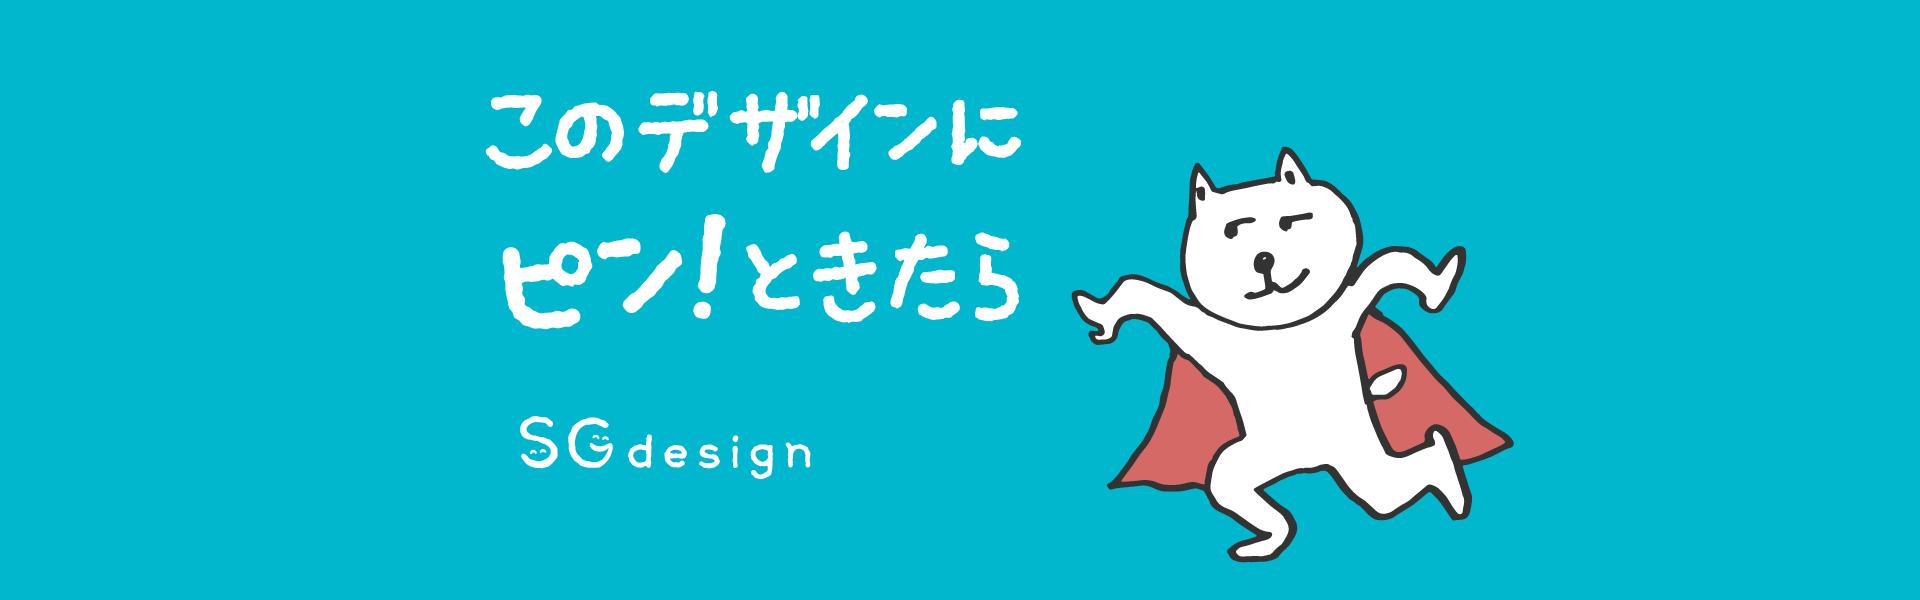 飯田市 デザイン SGdesign